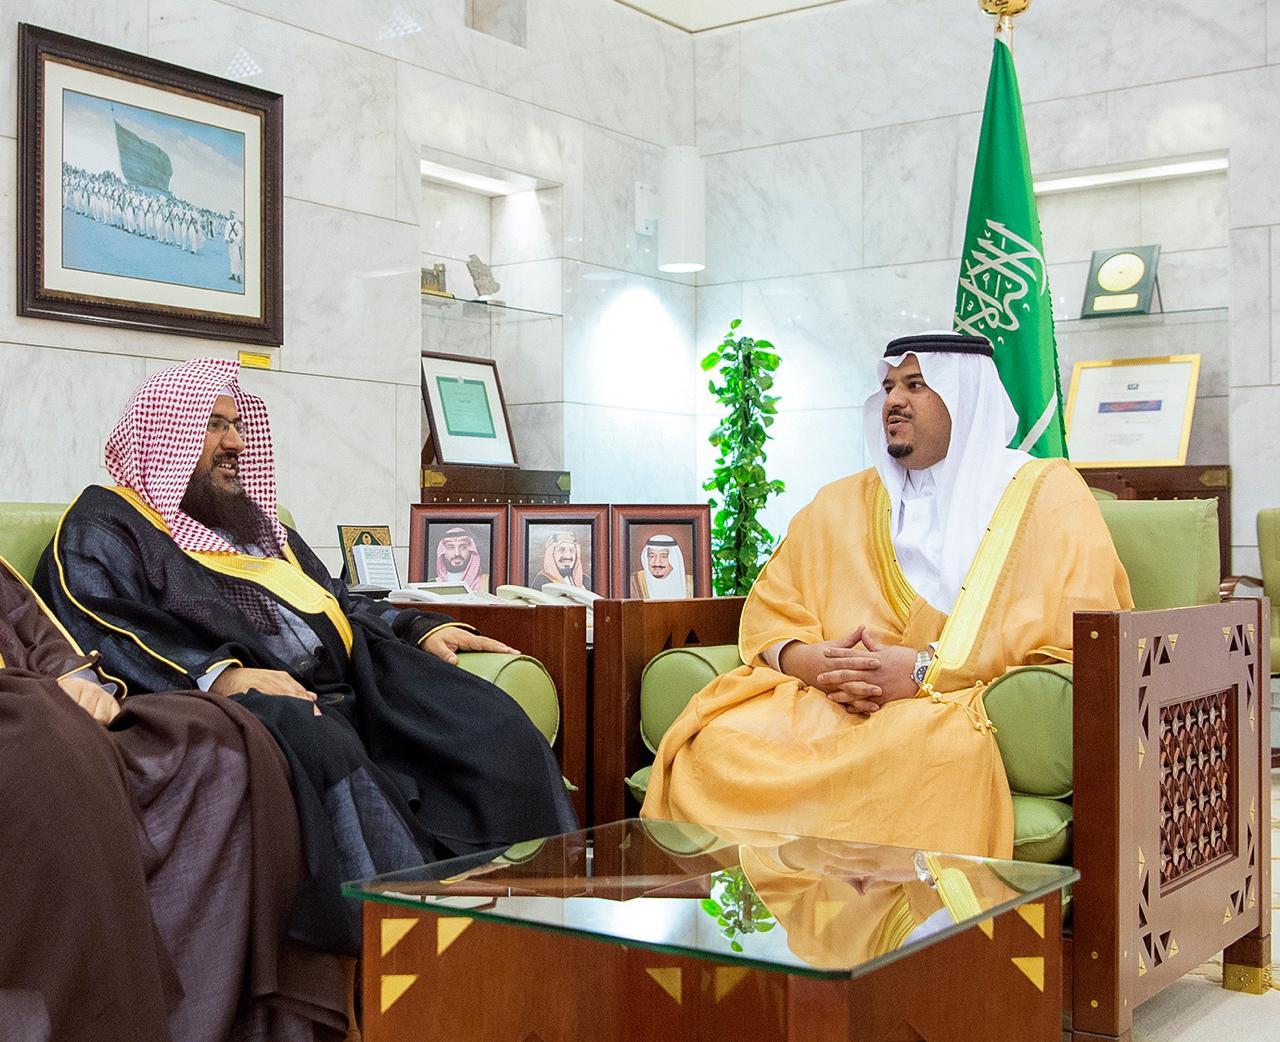 صحيفة أضواء الوطن اضواء الوطن سمو نائب أمير منطقة الرياض